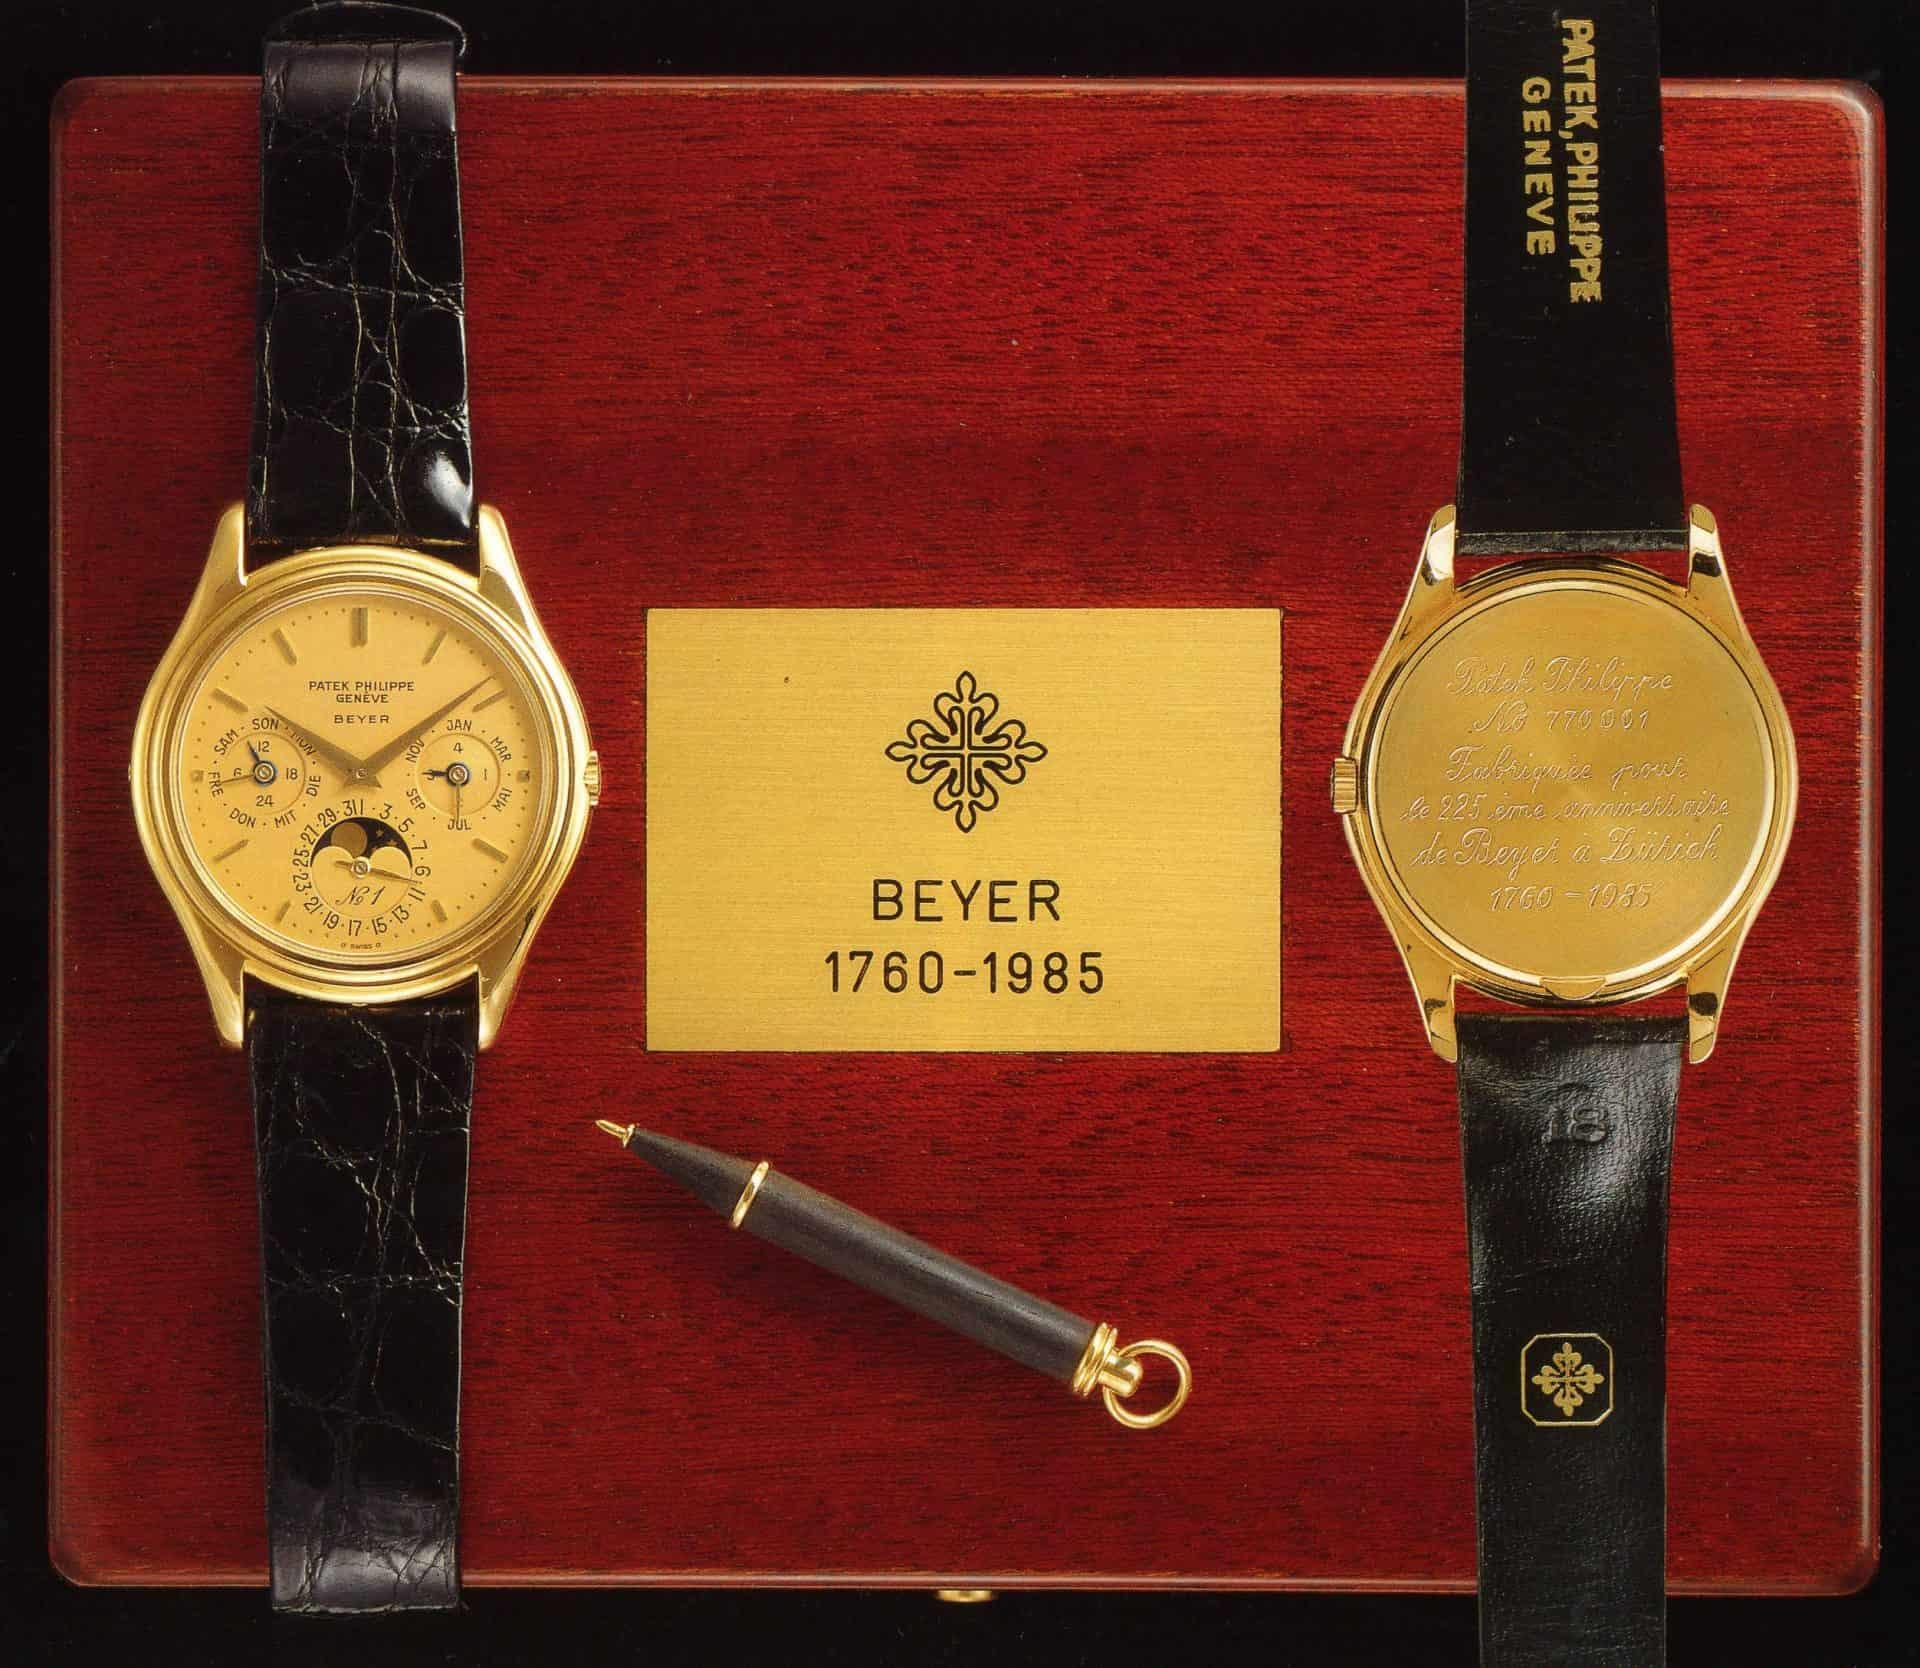 Anlässlich von 225 Jahren Beyer Chronometrie wurde die Patek Philippe Referenz 3940 aufgelegt.